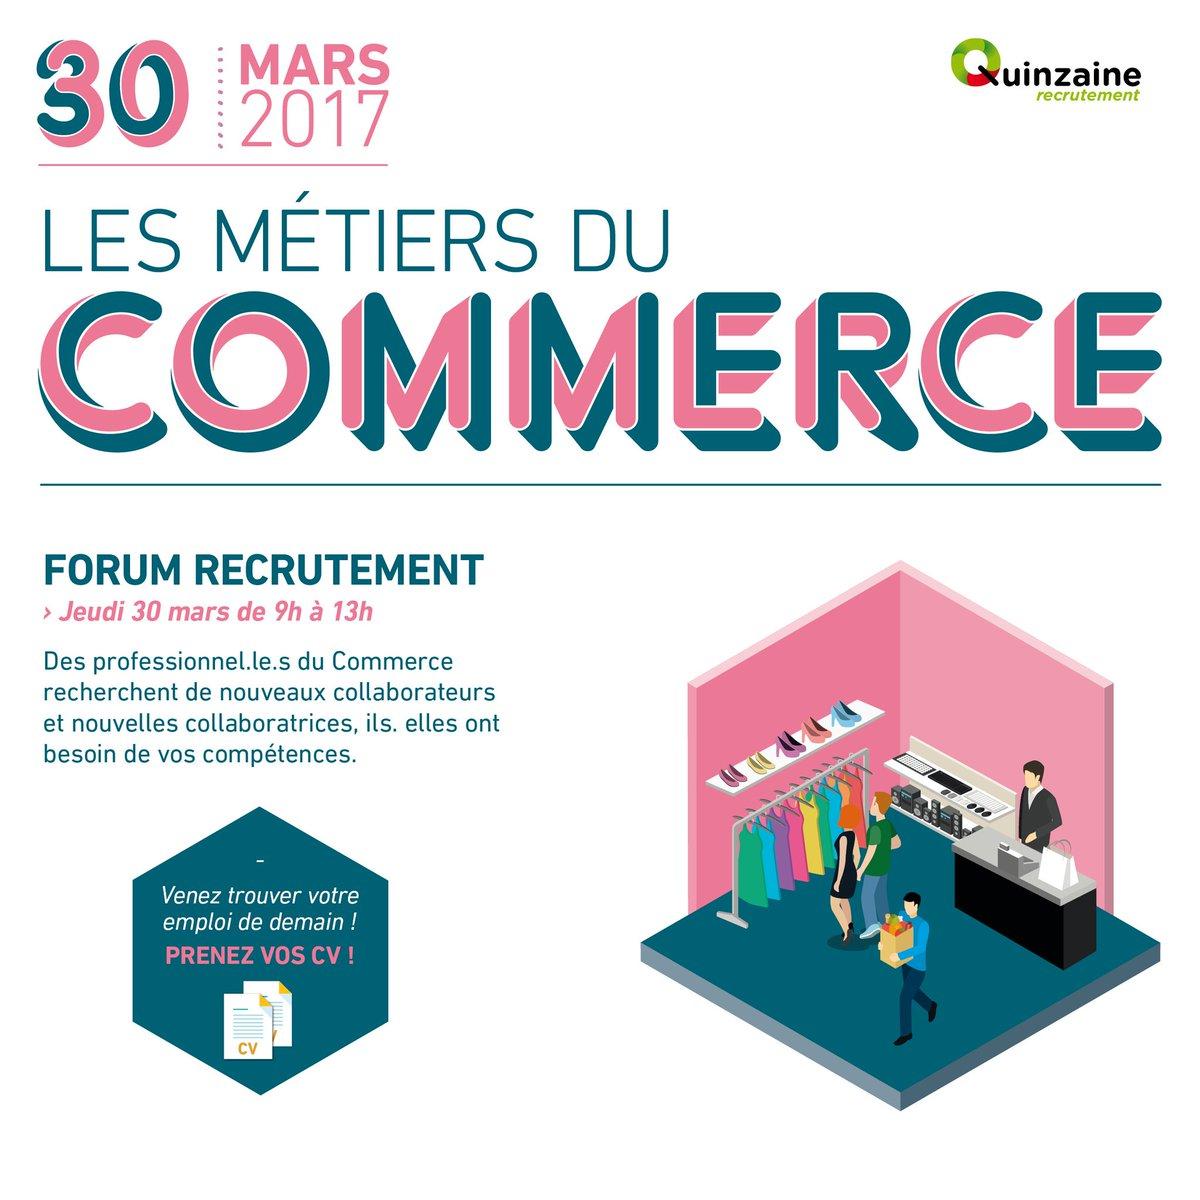 Rendez vous jeudi à la cité des métiers de Marseille , 4 rue des consuls. A vos #CV . forum emploi des métiers du #commerce <br>http://pic.twitter.com/YpIVy5z2iz